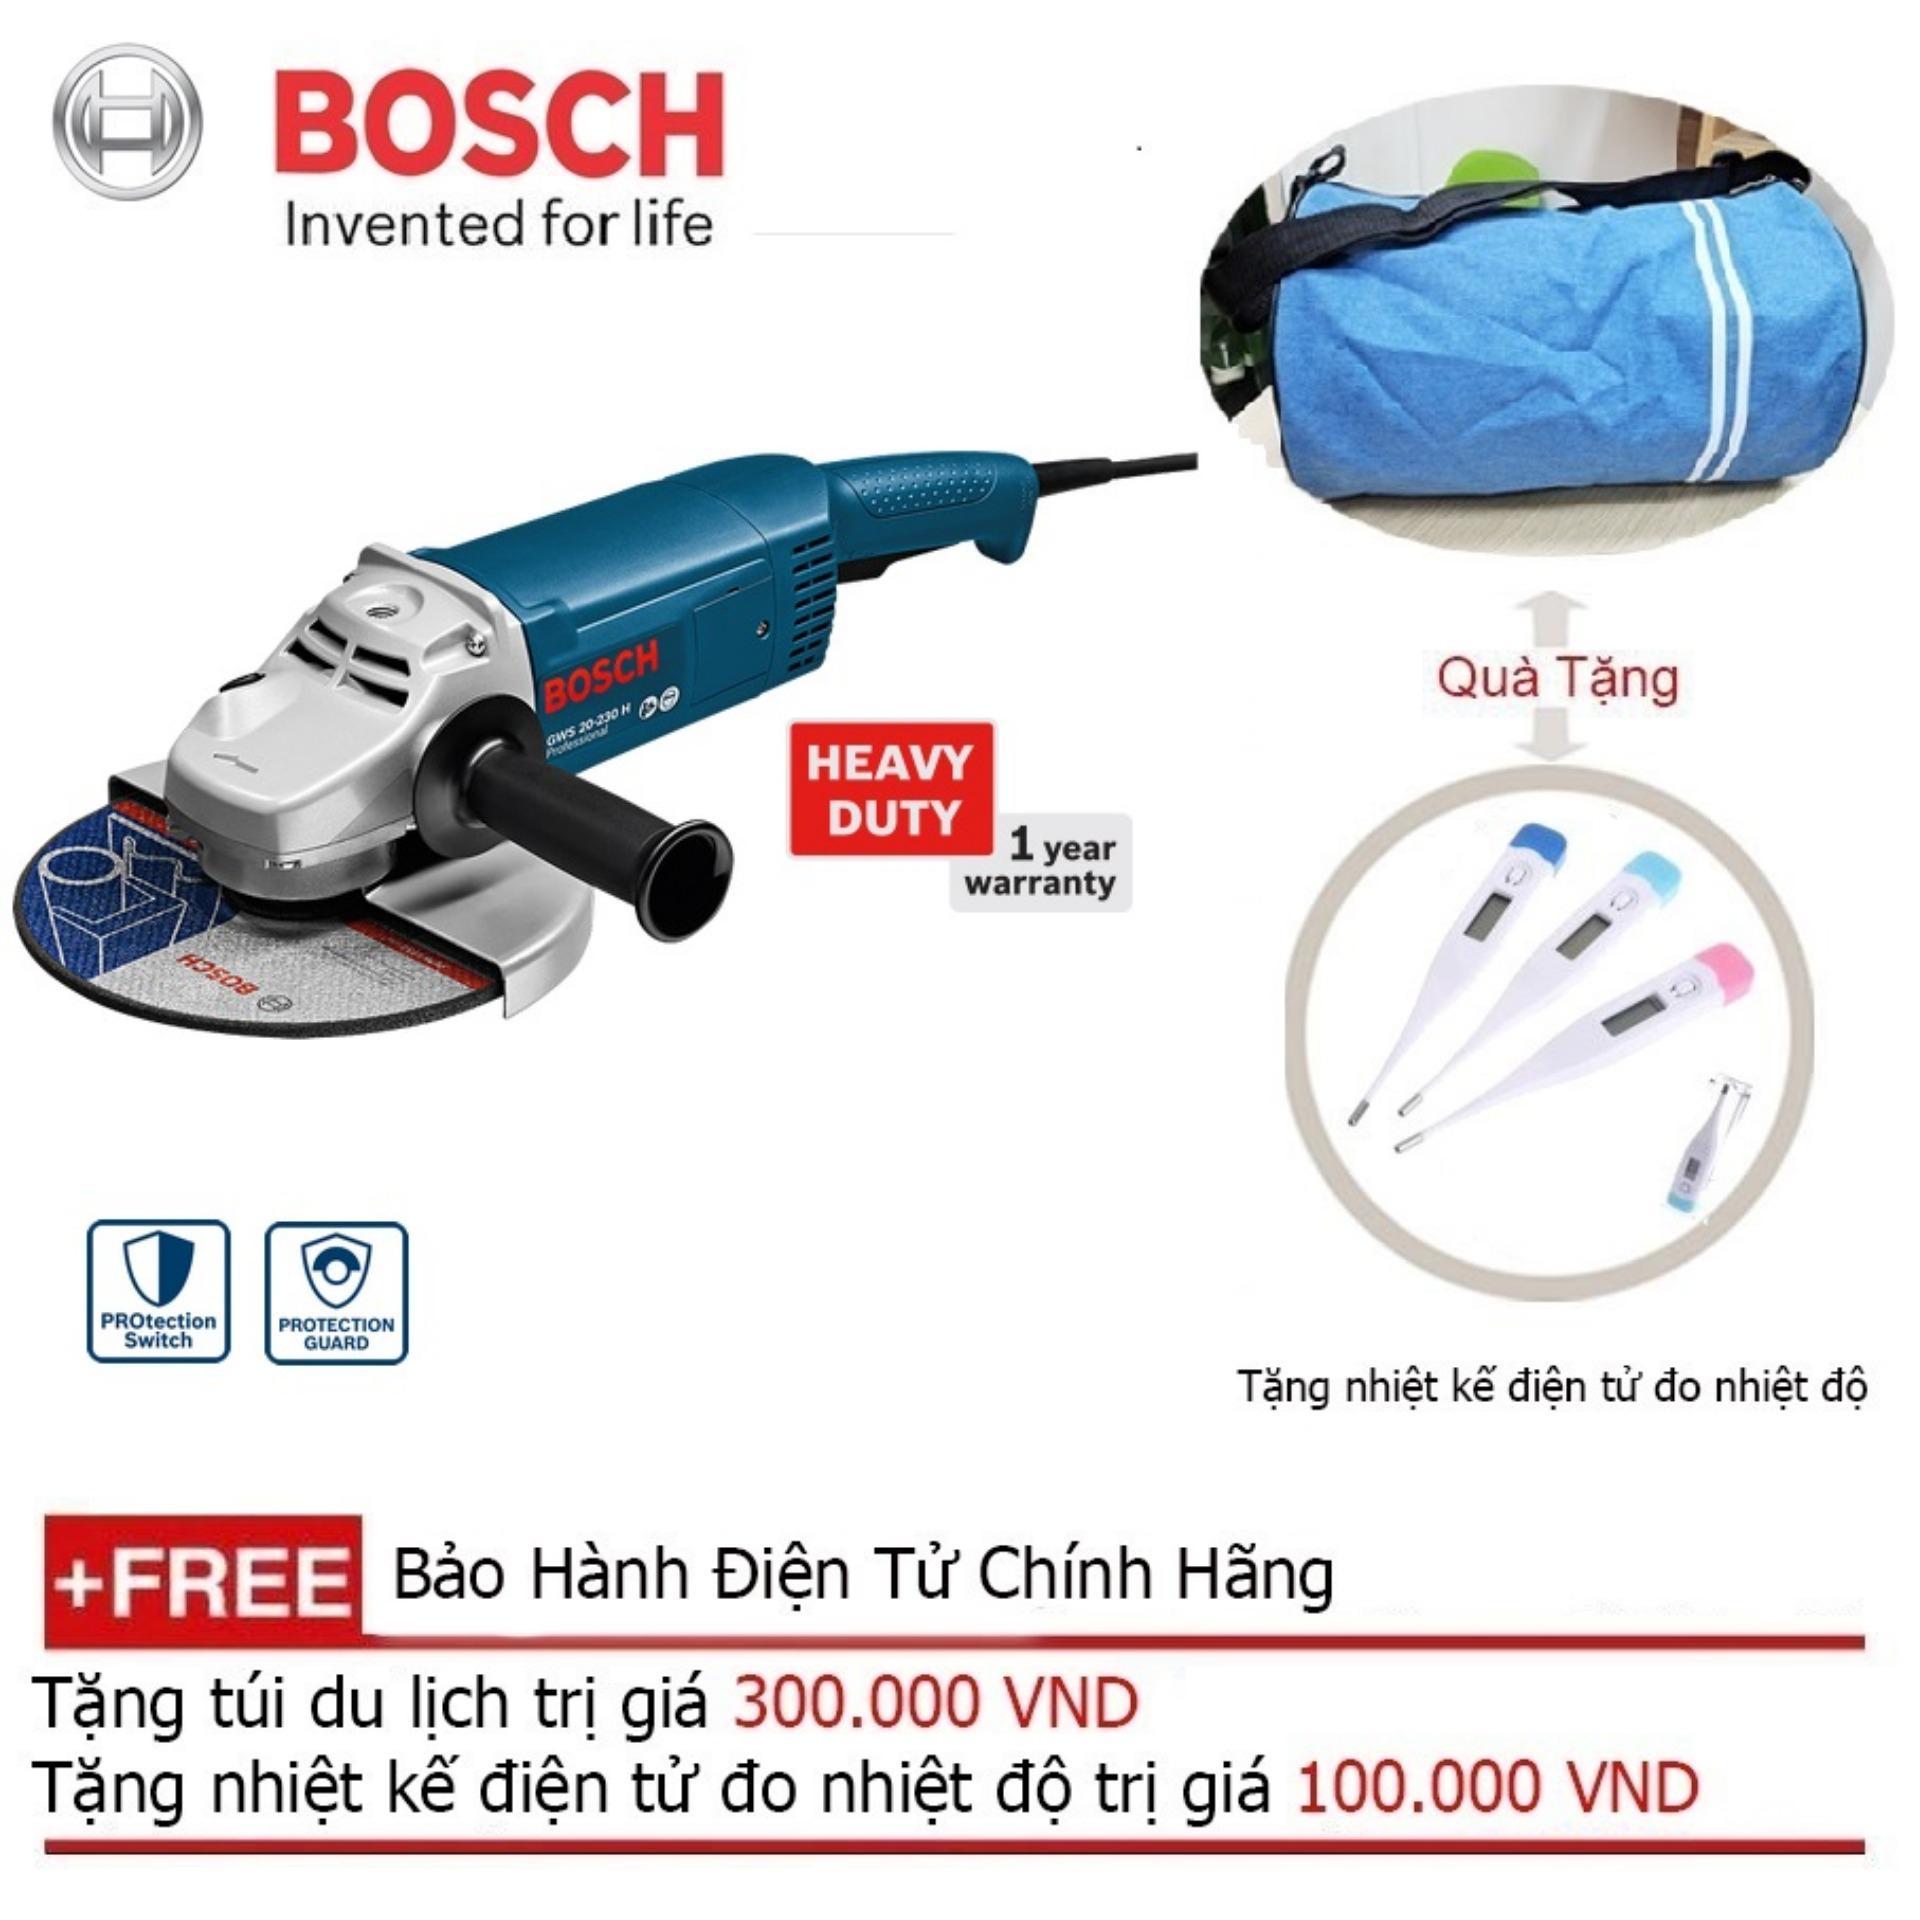 Máy Mài Góc Bosch GWS 20-230 + Quà tặng alo du lịch